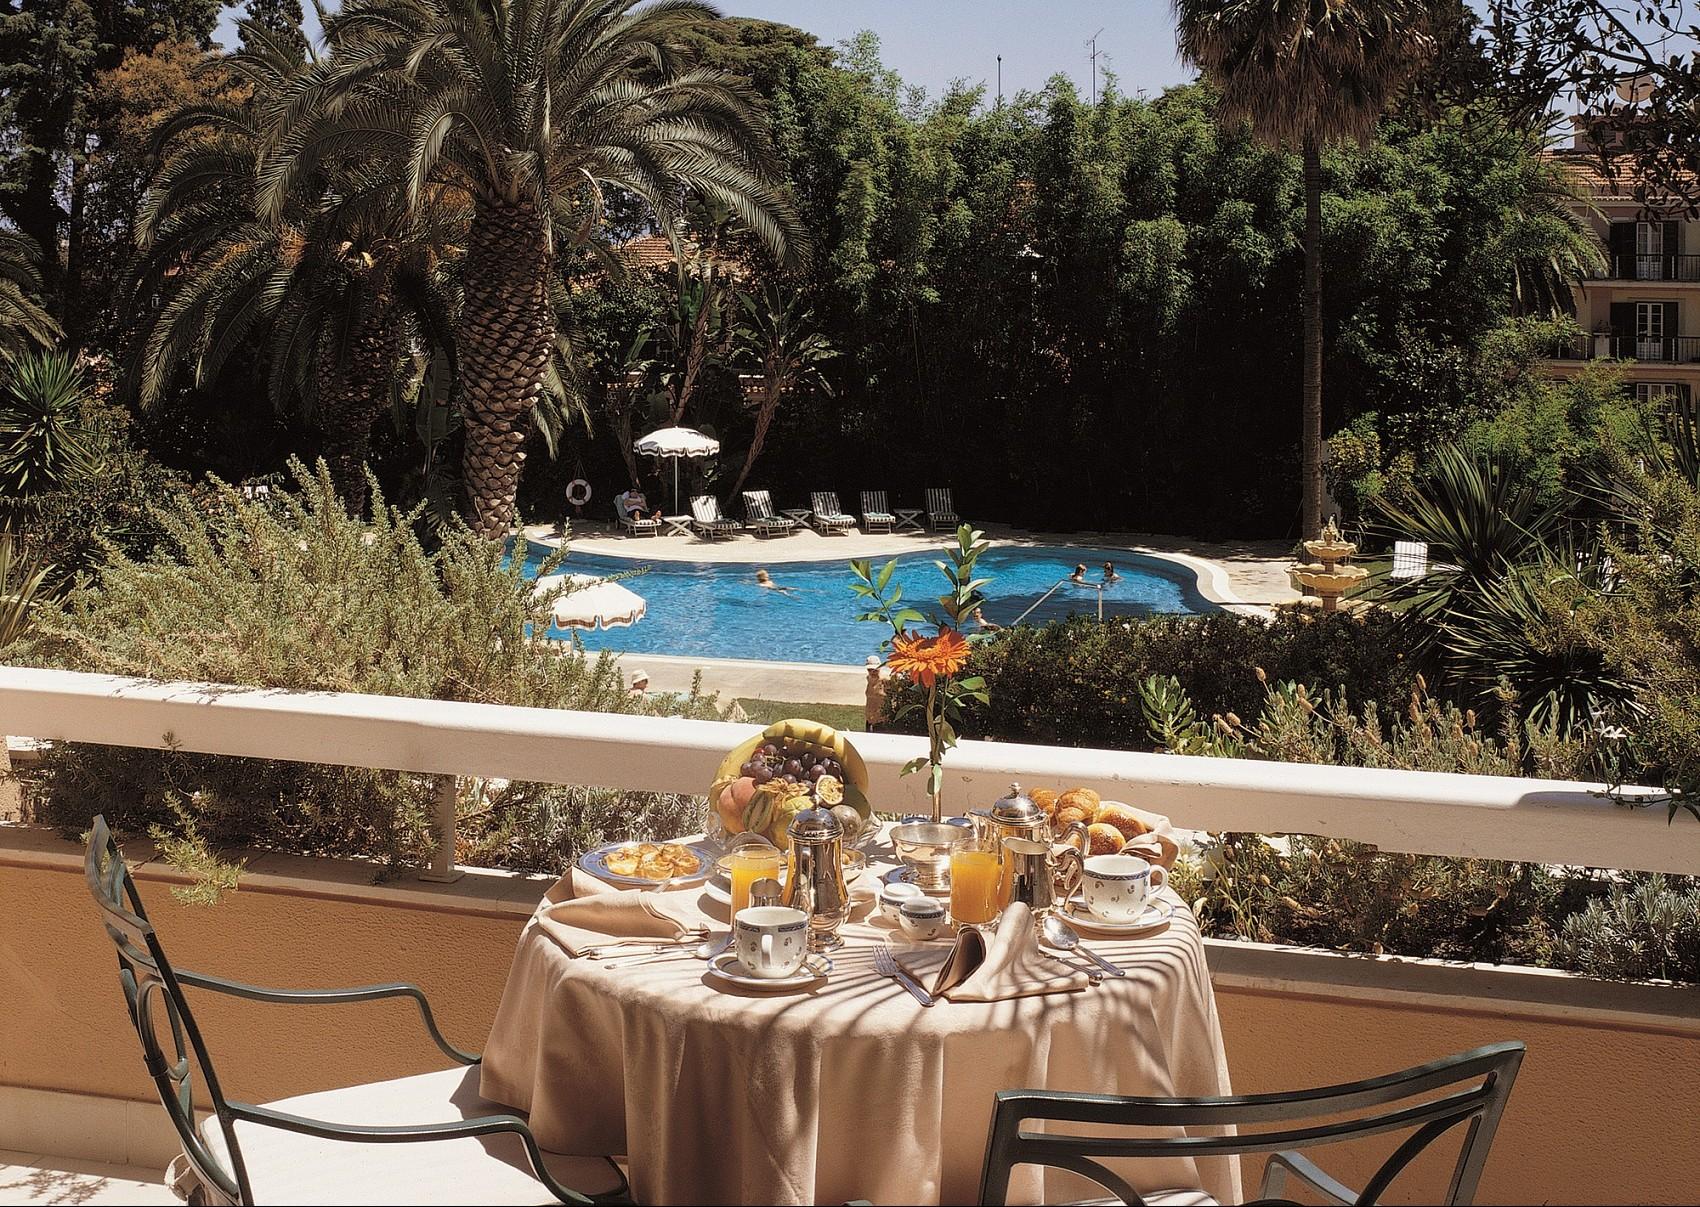 Pool & Garden Room balcony Courtesy of Olissippo Lapa Palace